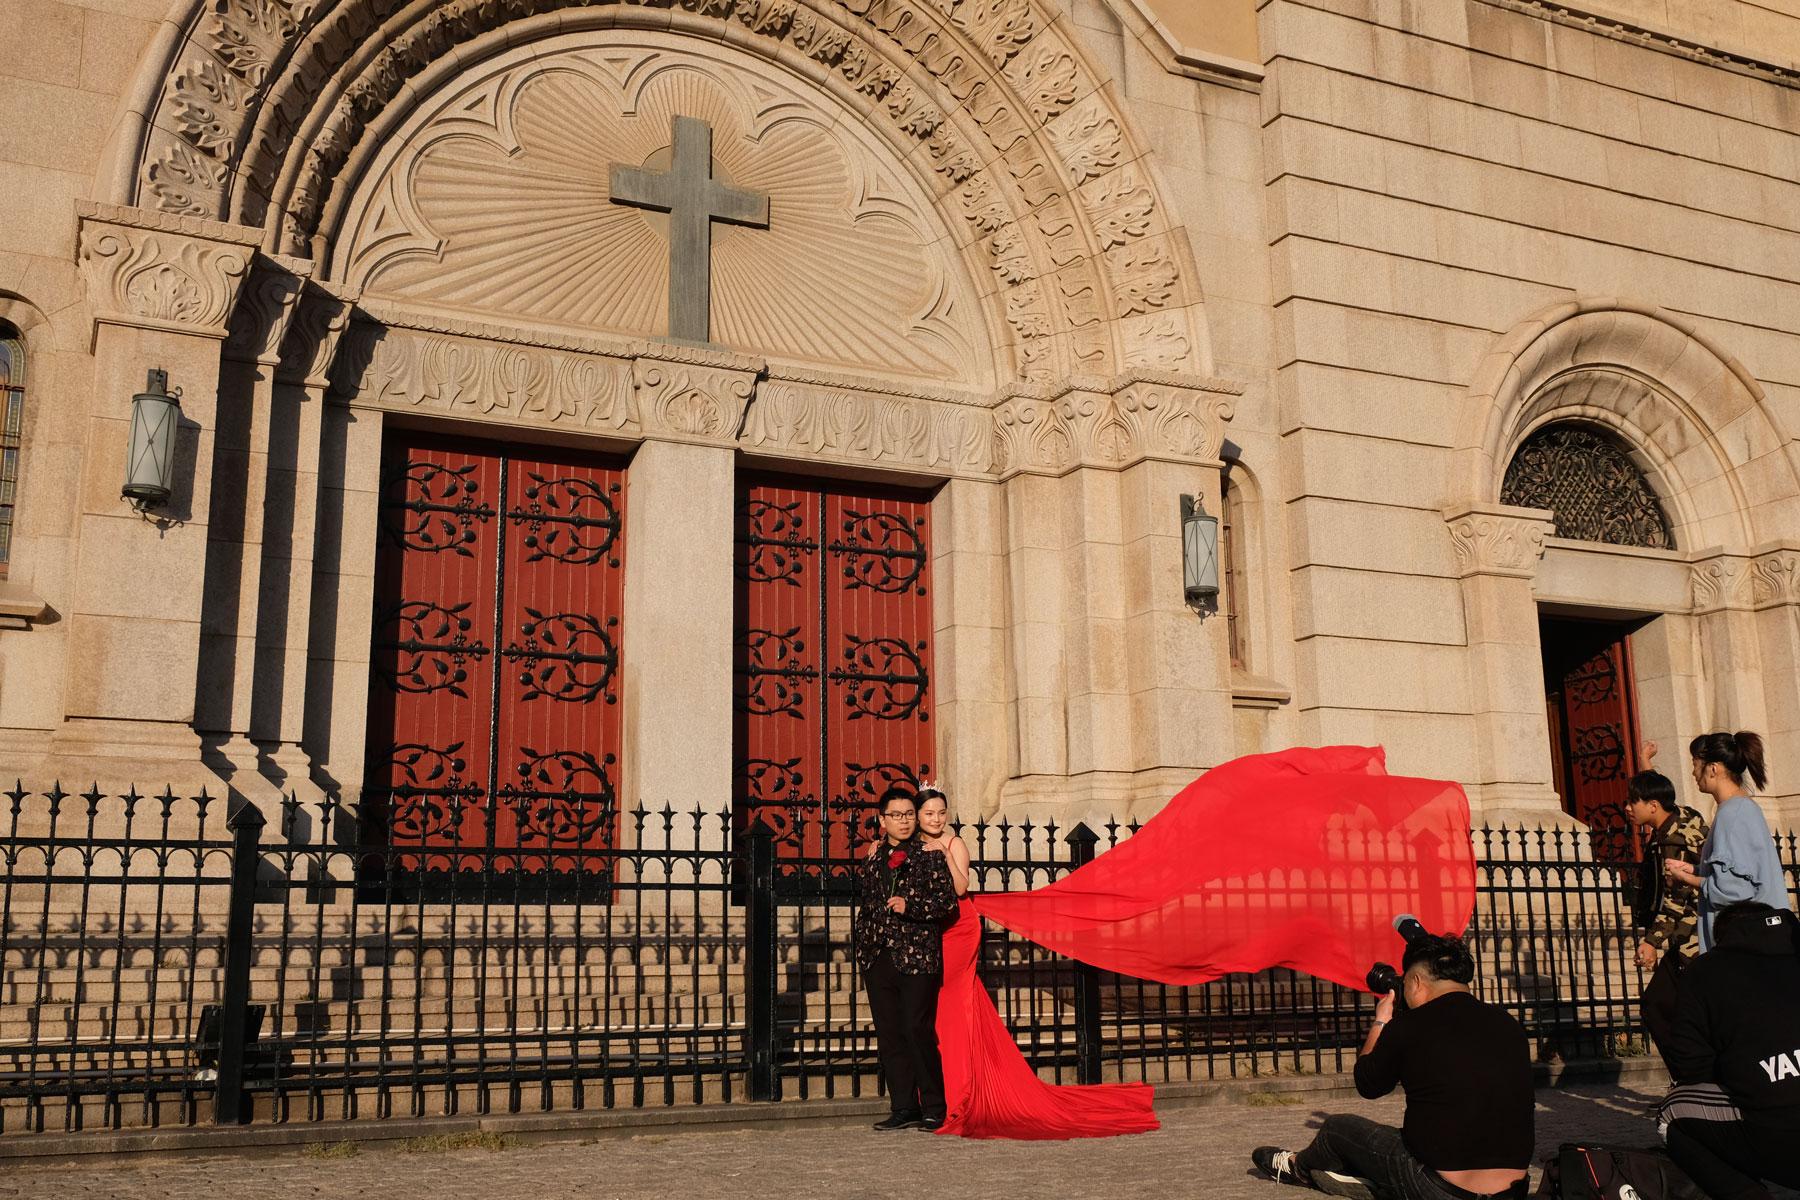 Hochzeitsshooting vor der St. Michaels Kirche in Qingdao